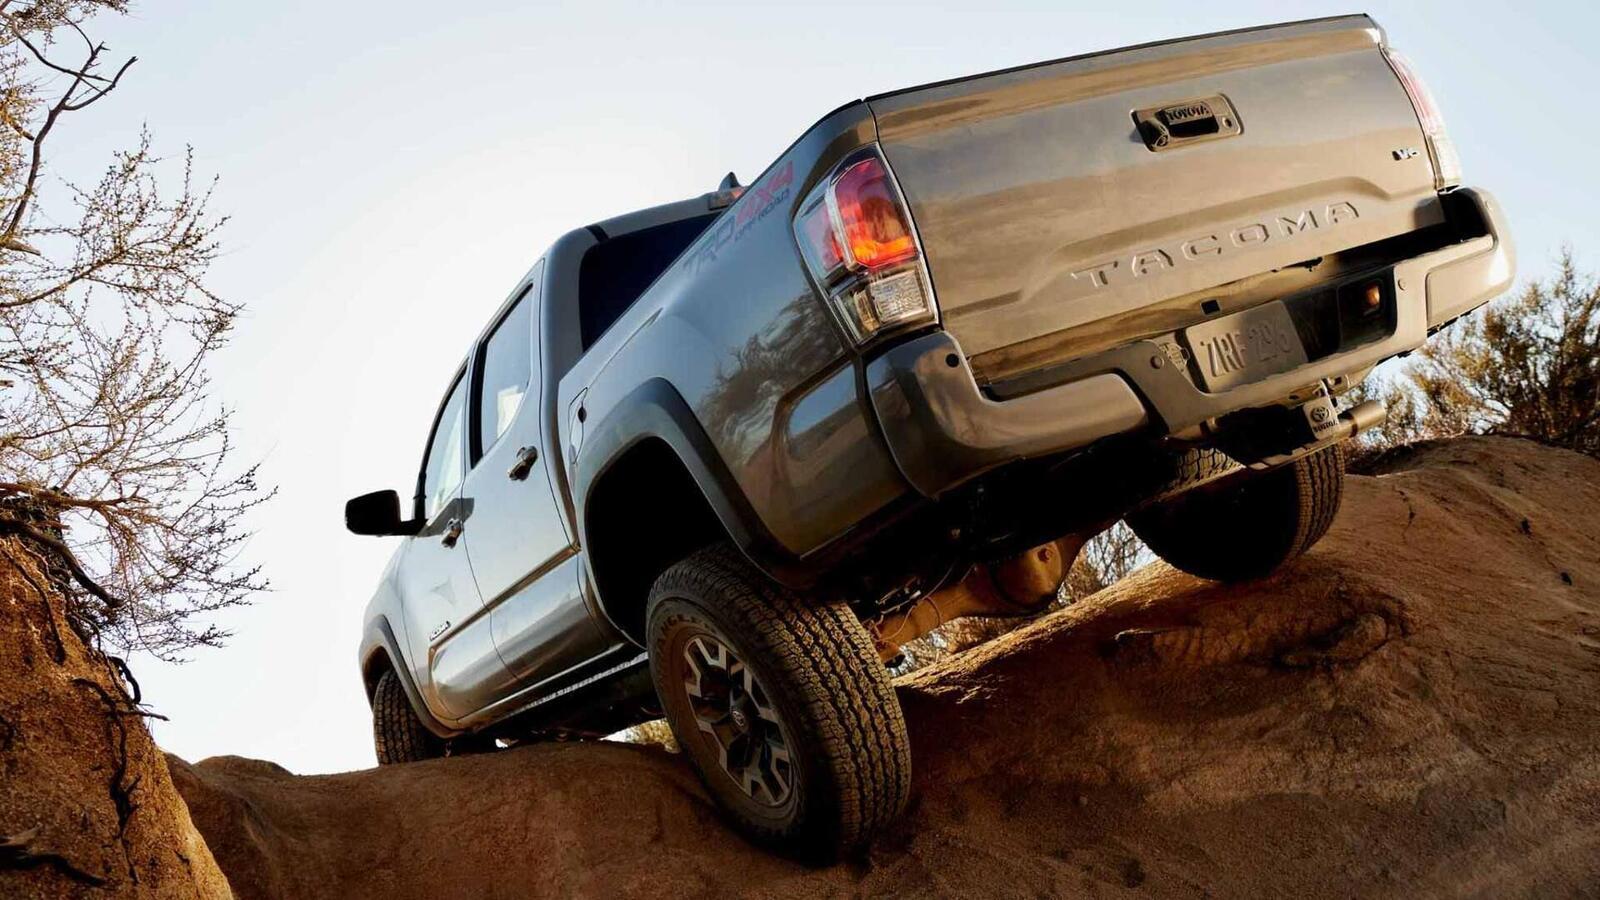 Xem trước bán tải Toyota Tacoma 2020 mới trước ngày ra mắt đối thủ đáng gờm của Ford Ranger - Hình 9